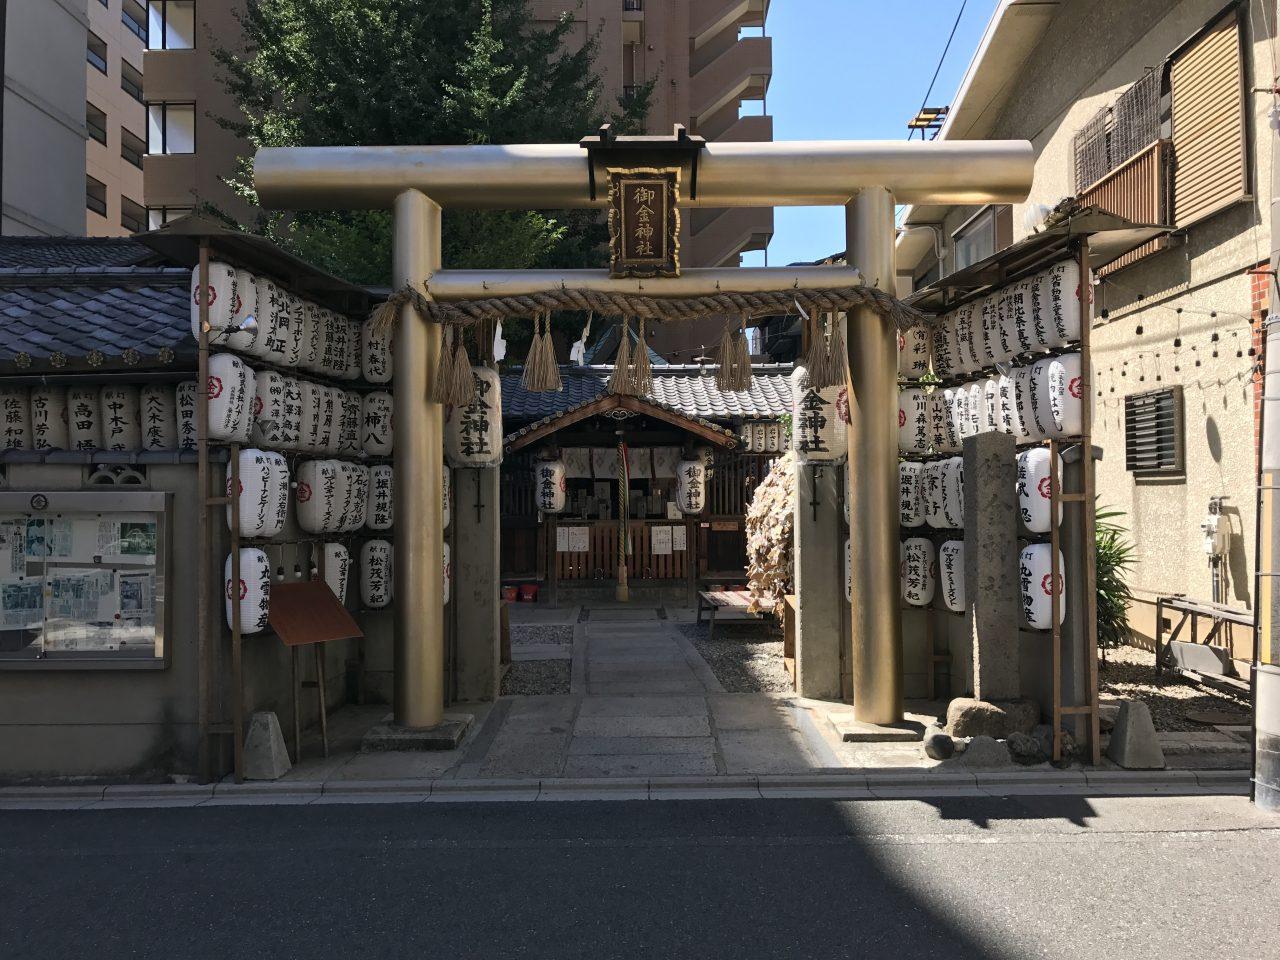 御金神社は京都の金運神社